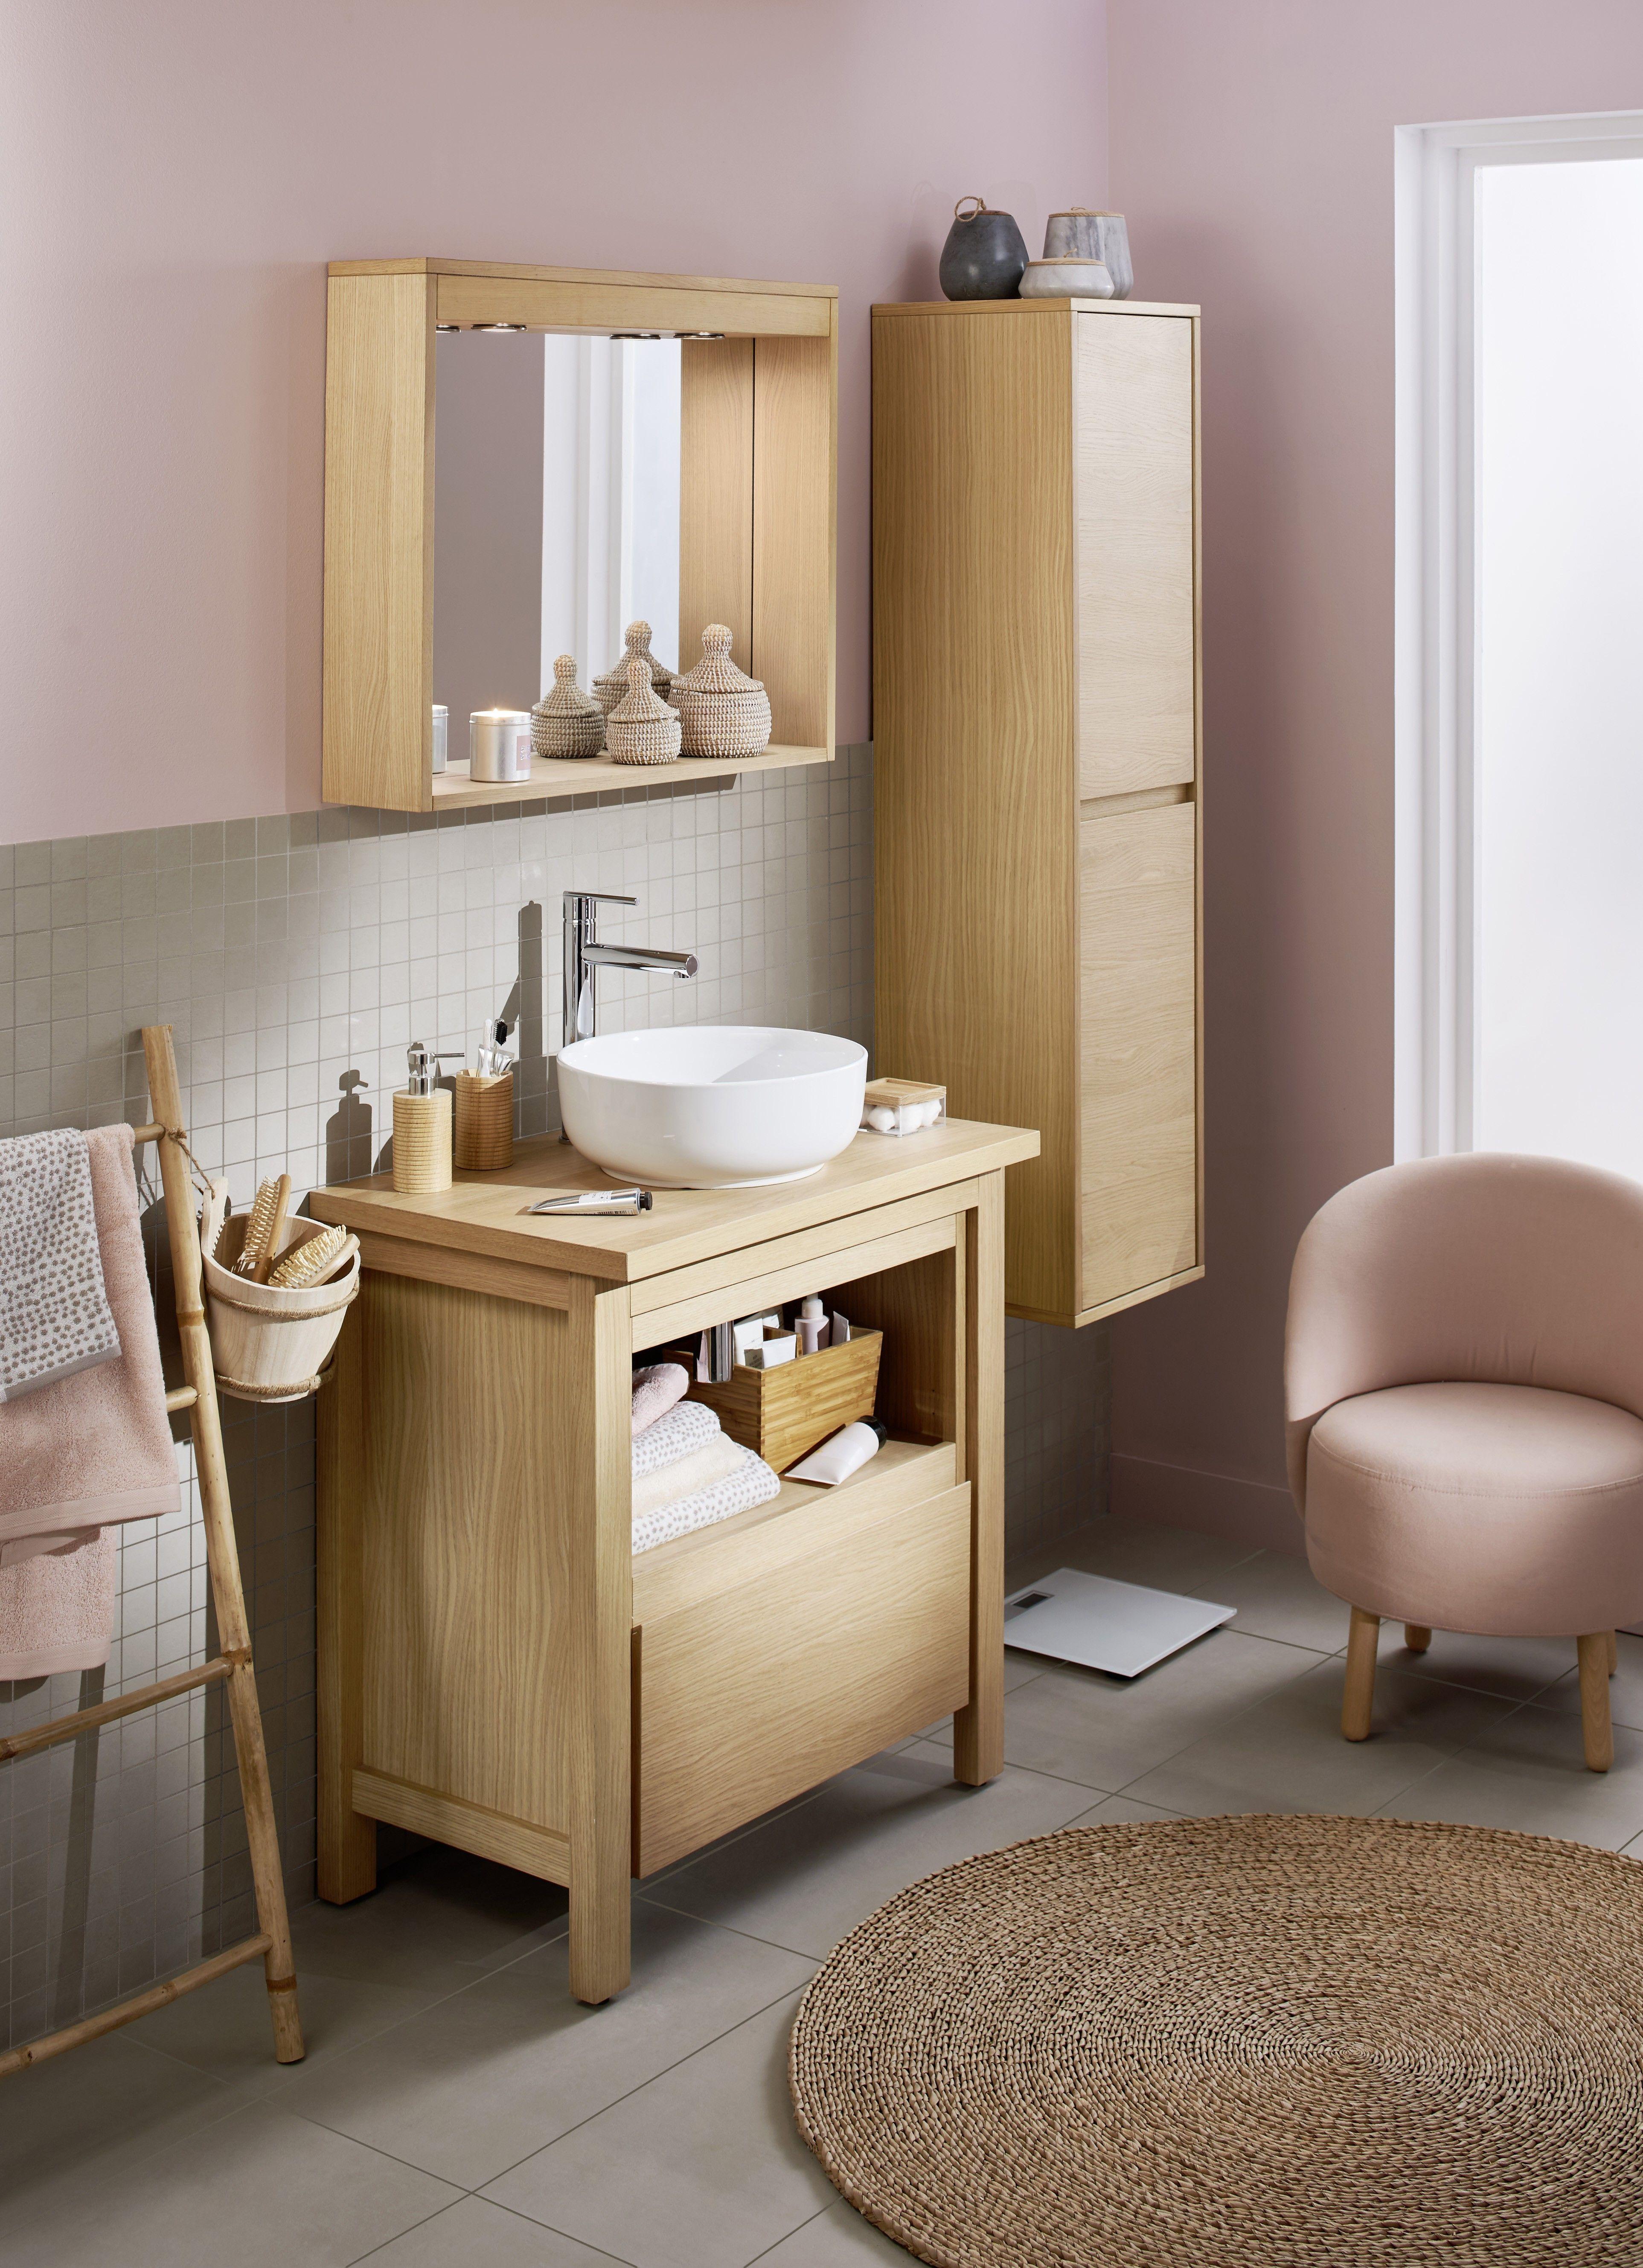 Une salle de bain chaleureuse grâce au mariage du bois et du rose ...